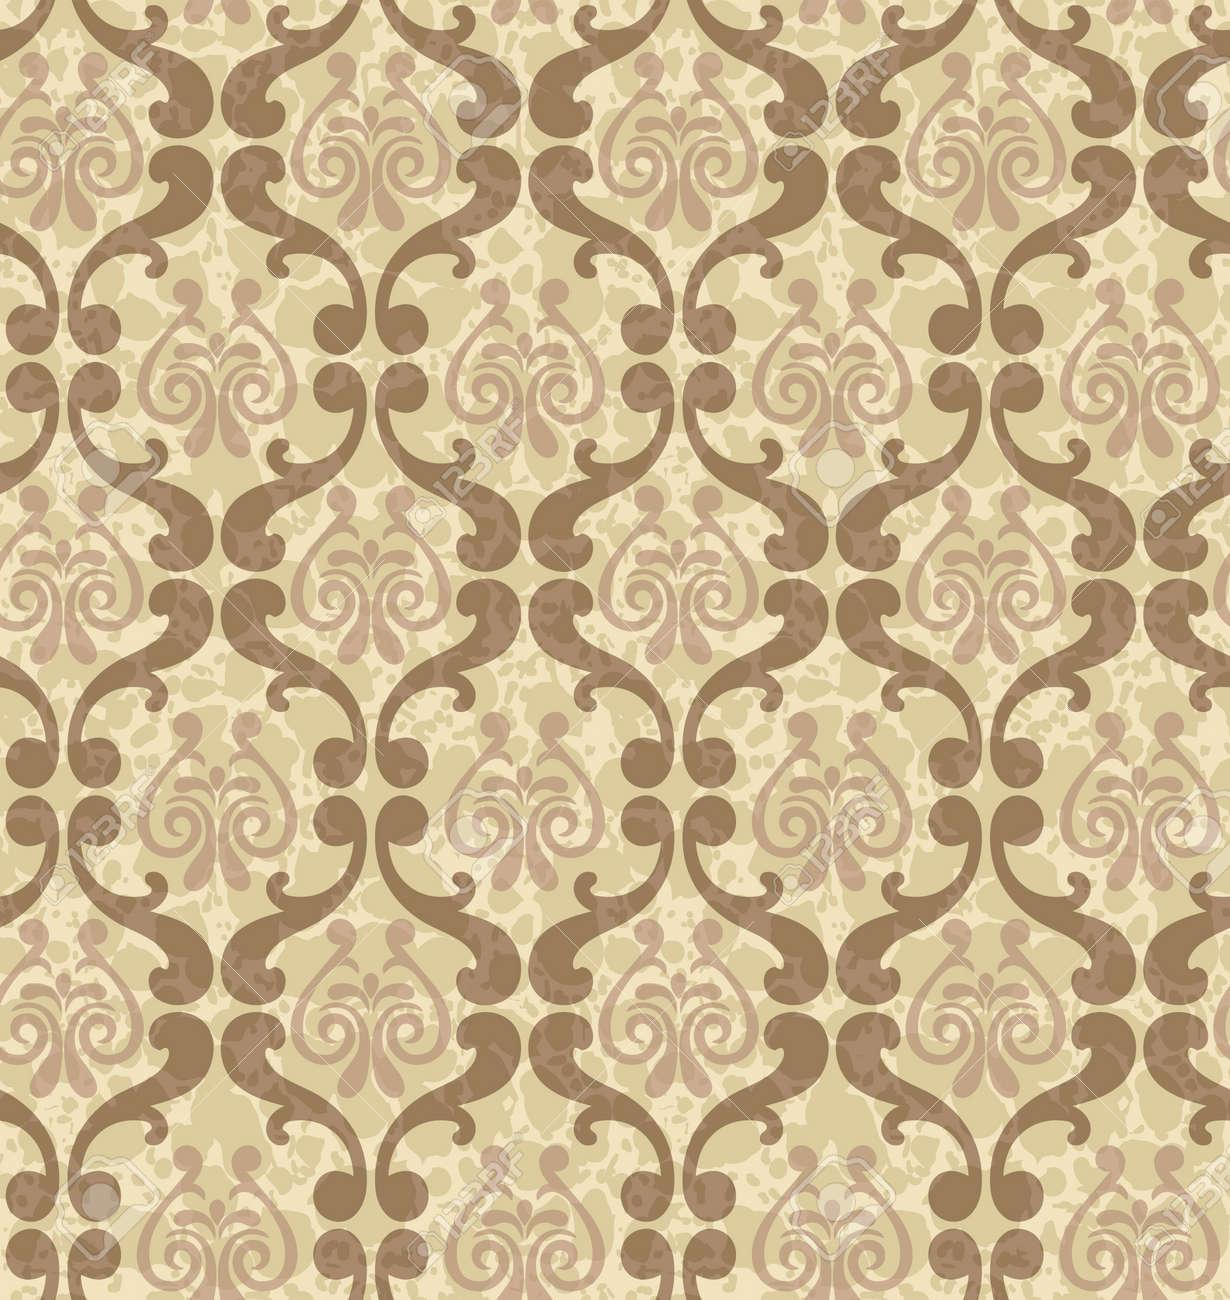 Retro Texture Papier Peint A Fleurs Ornementales Clip Art Libres De Droits Vecteurs Et Illustration Image 37928952